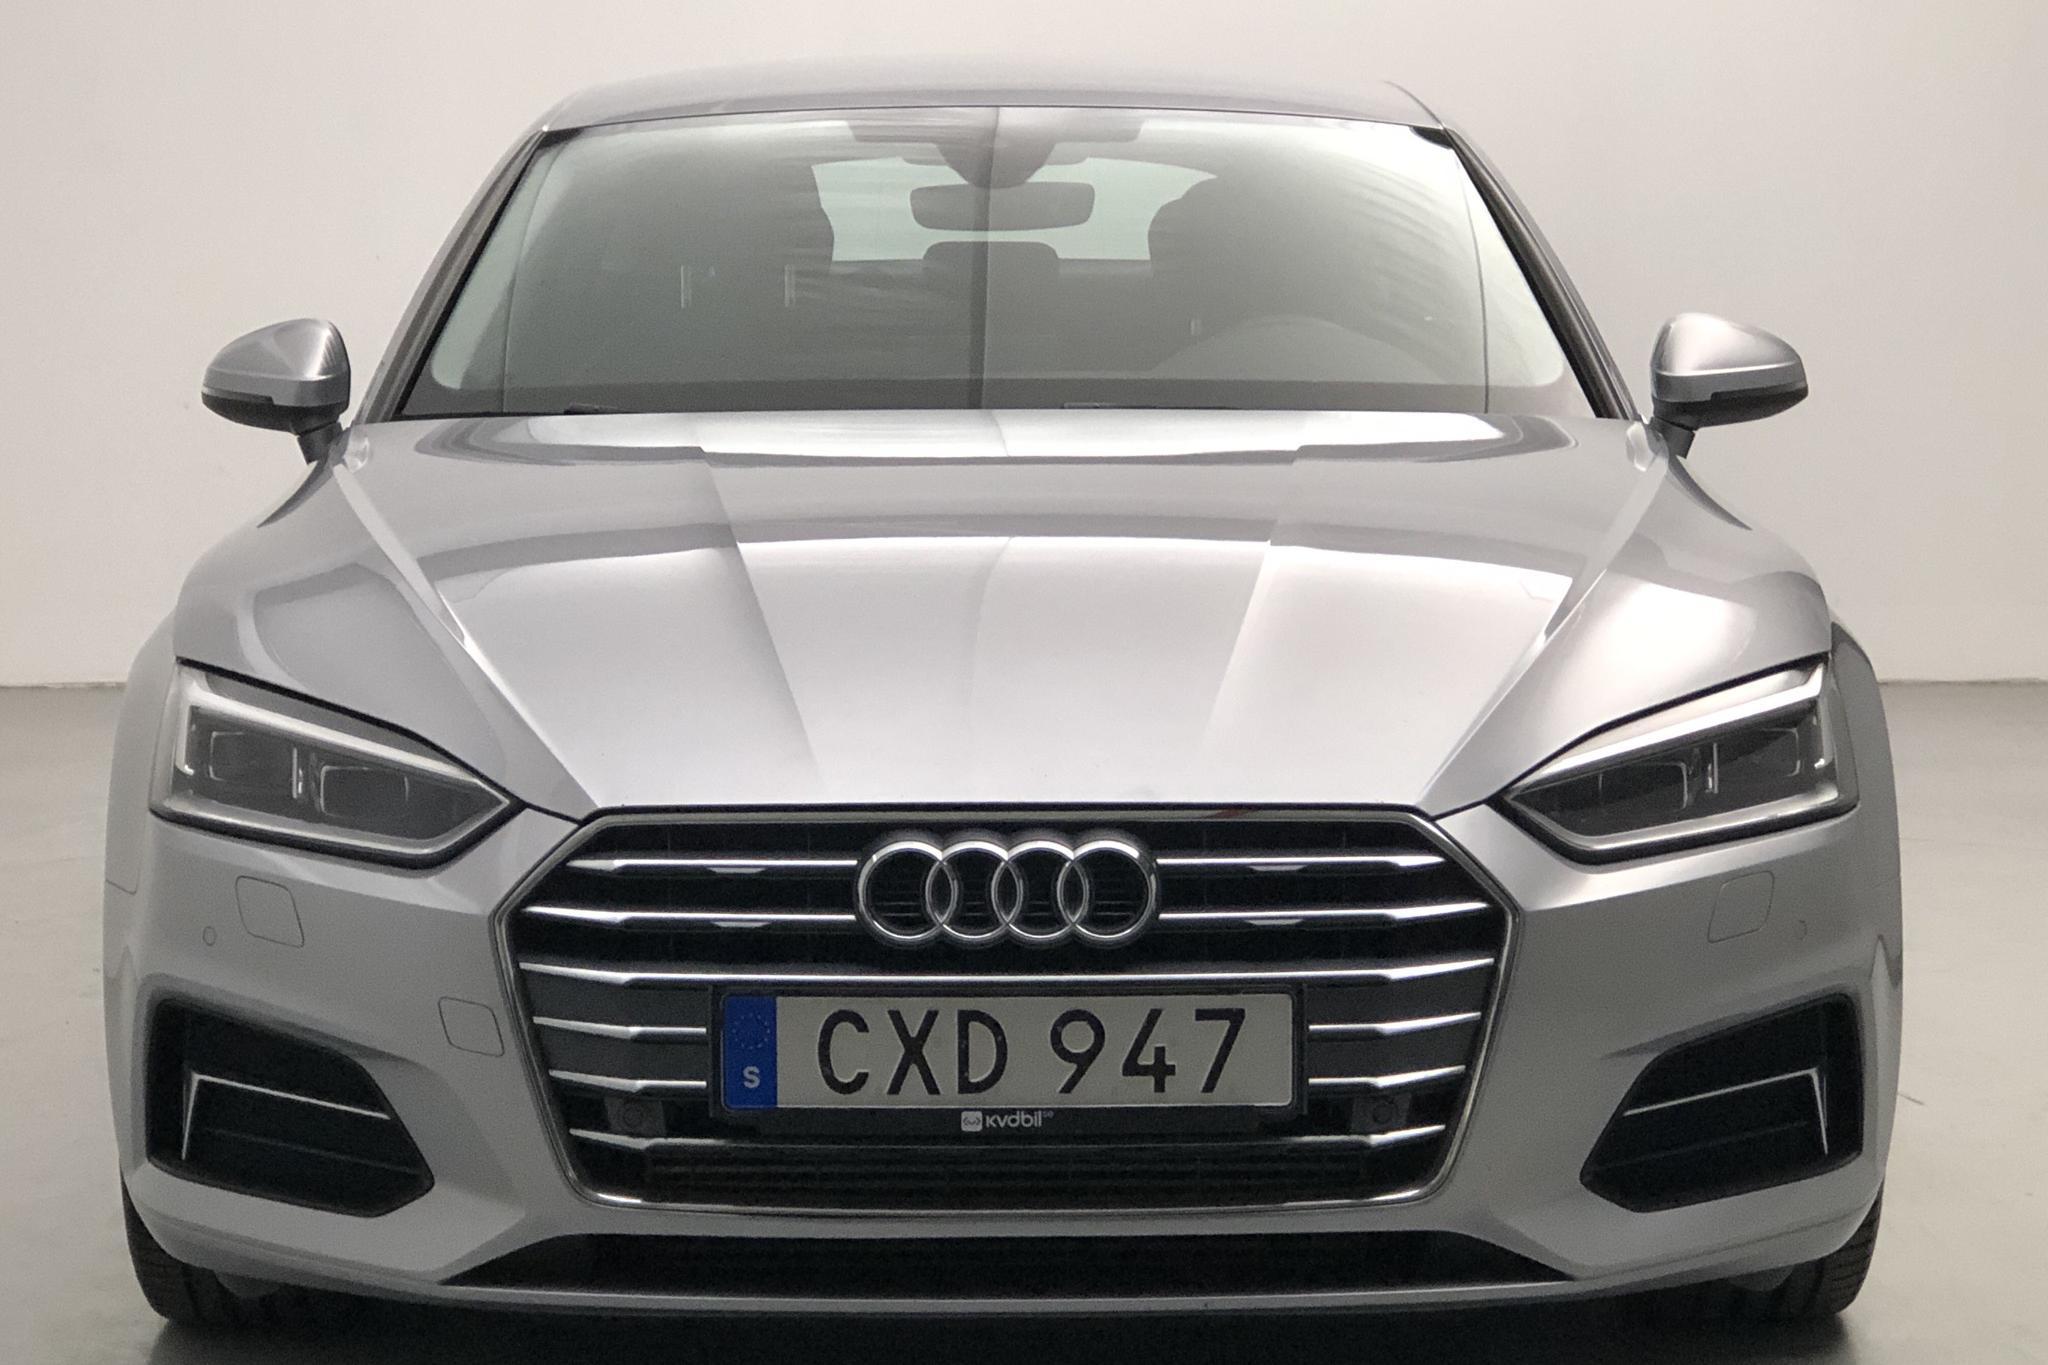 Audi A5 Sportback TFSI g-tron (170hk) - 116 700 km - Automatic - silver - 2018